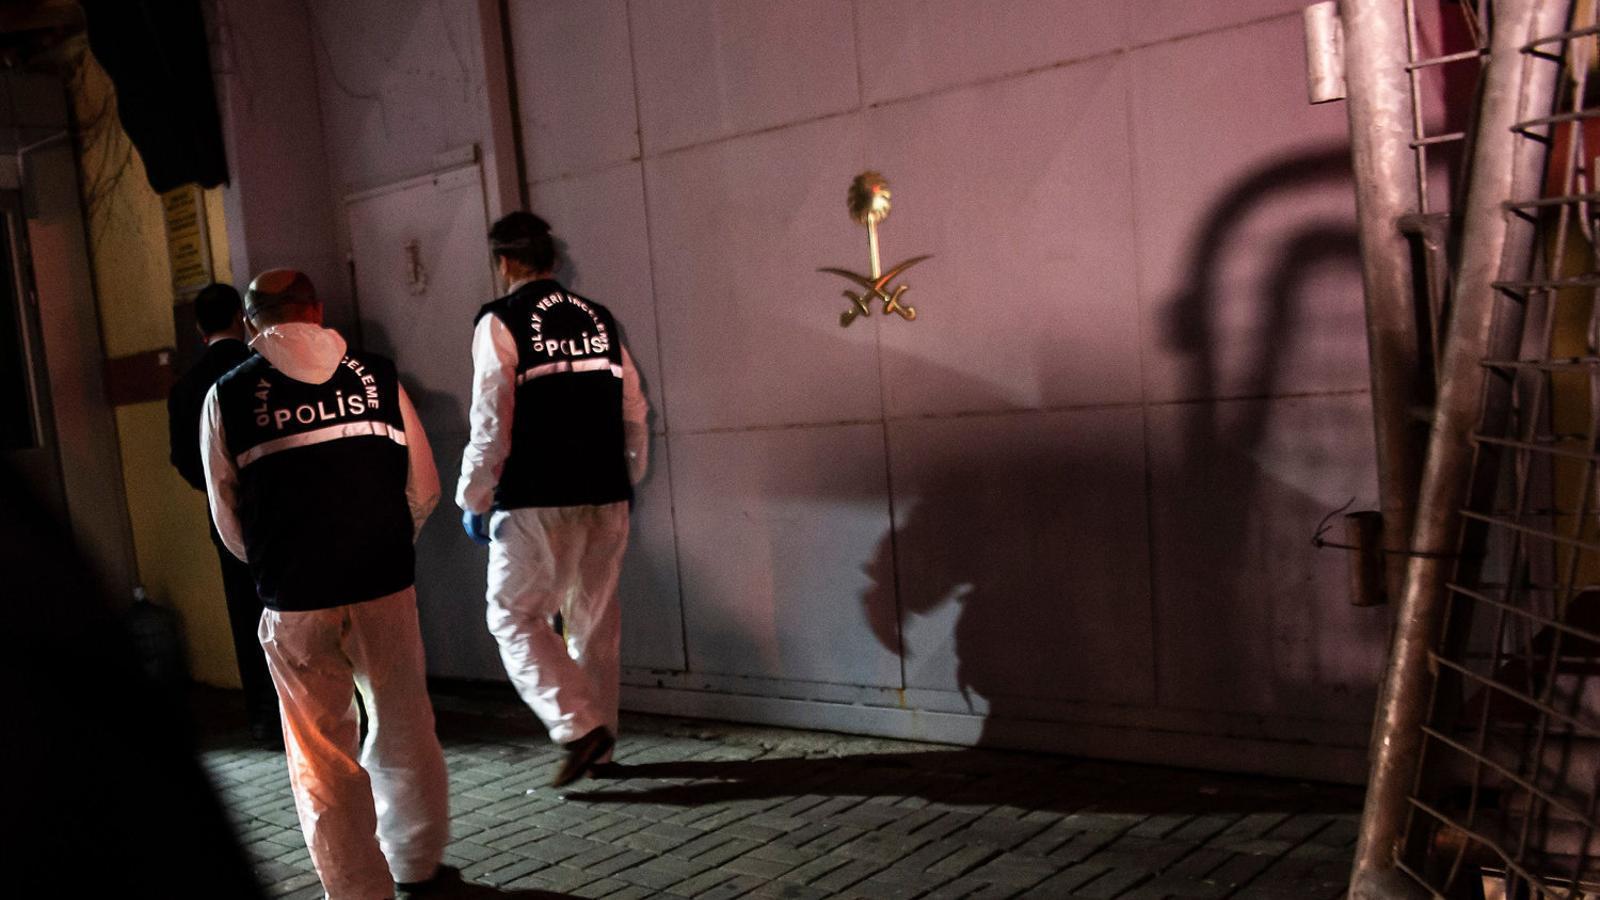 Policies científics turcs inspeccionant per segon cop el consolat saudita a Istanbul.